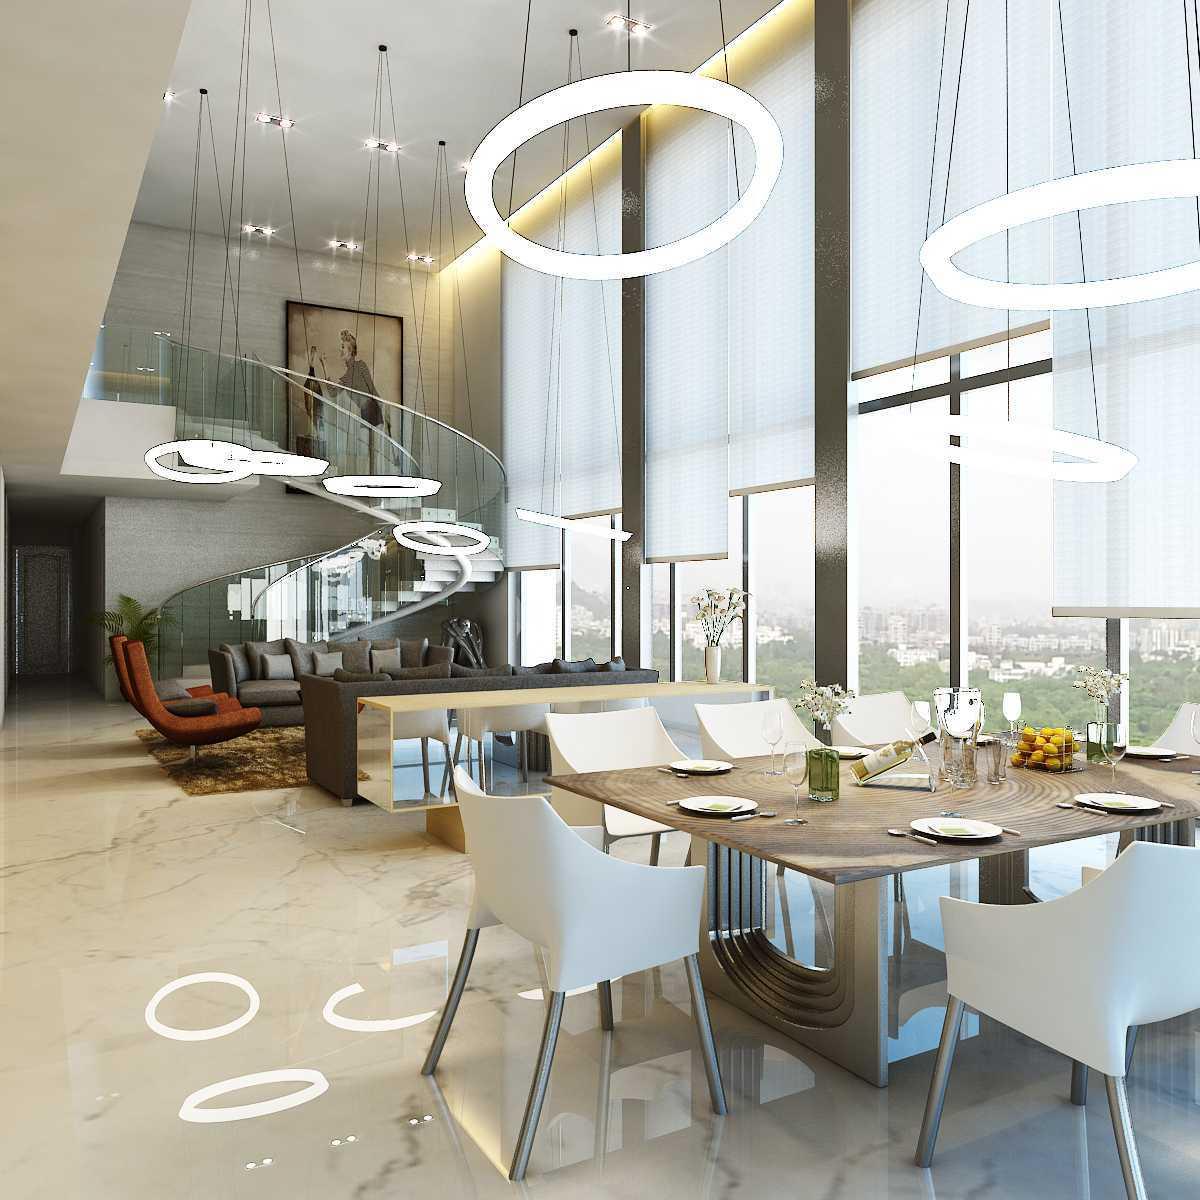 Jasa Interior Desainer Saka Design Lab di Indonesia